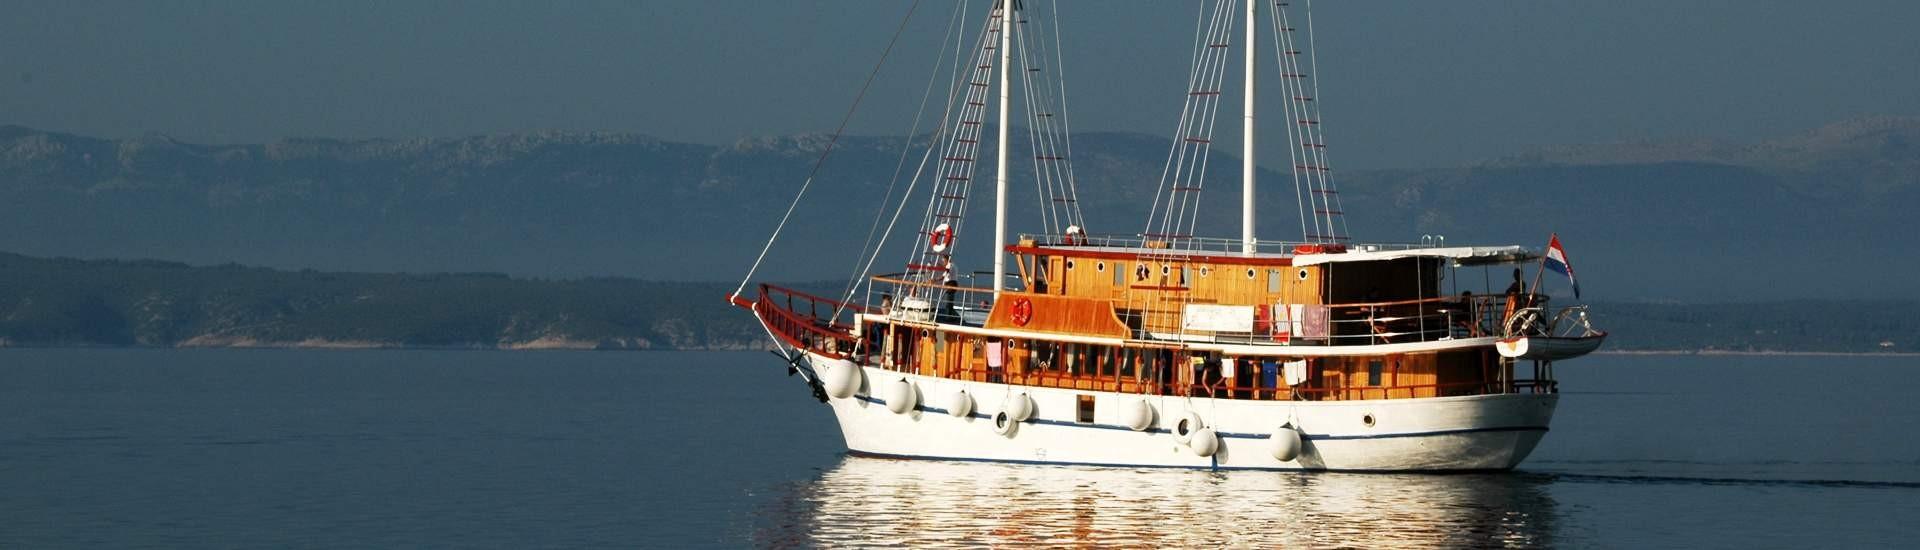 Guleti i motorni jedrenjaci